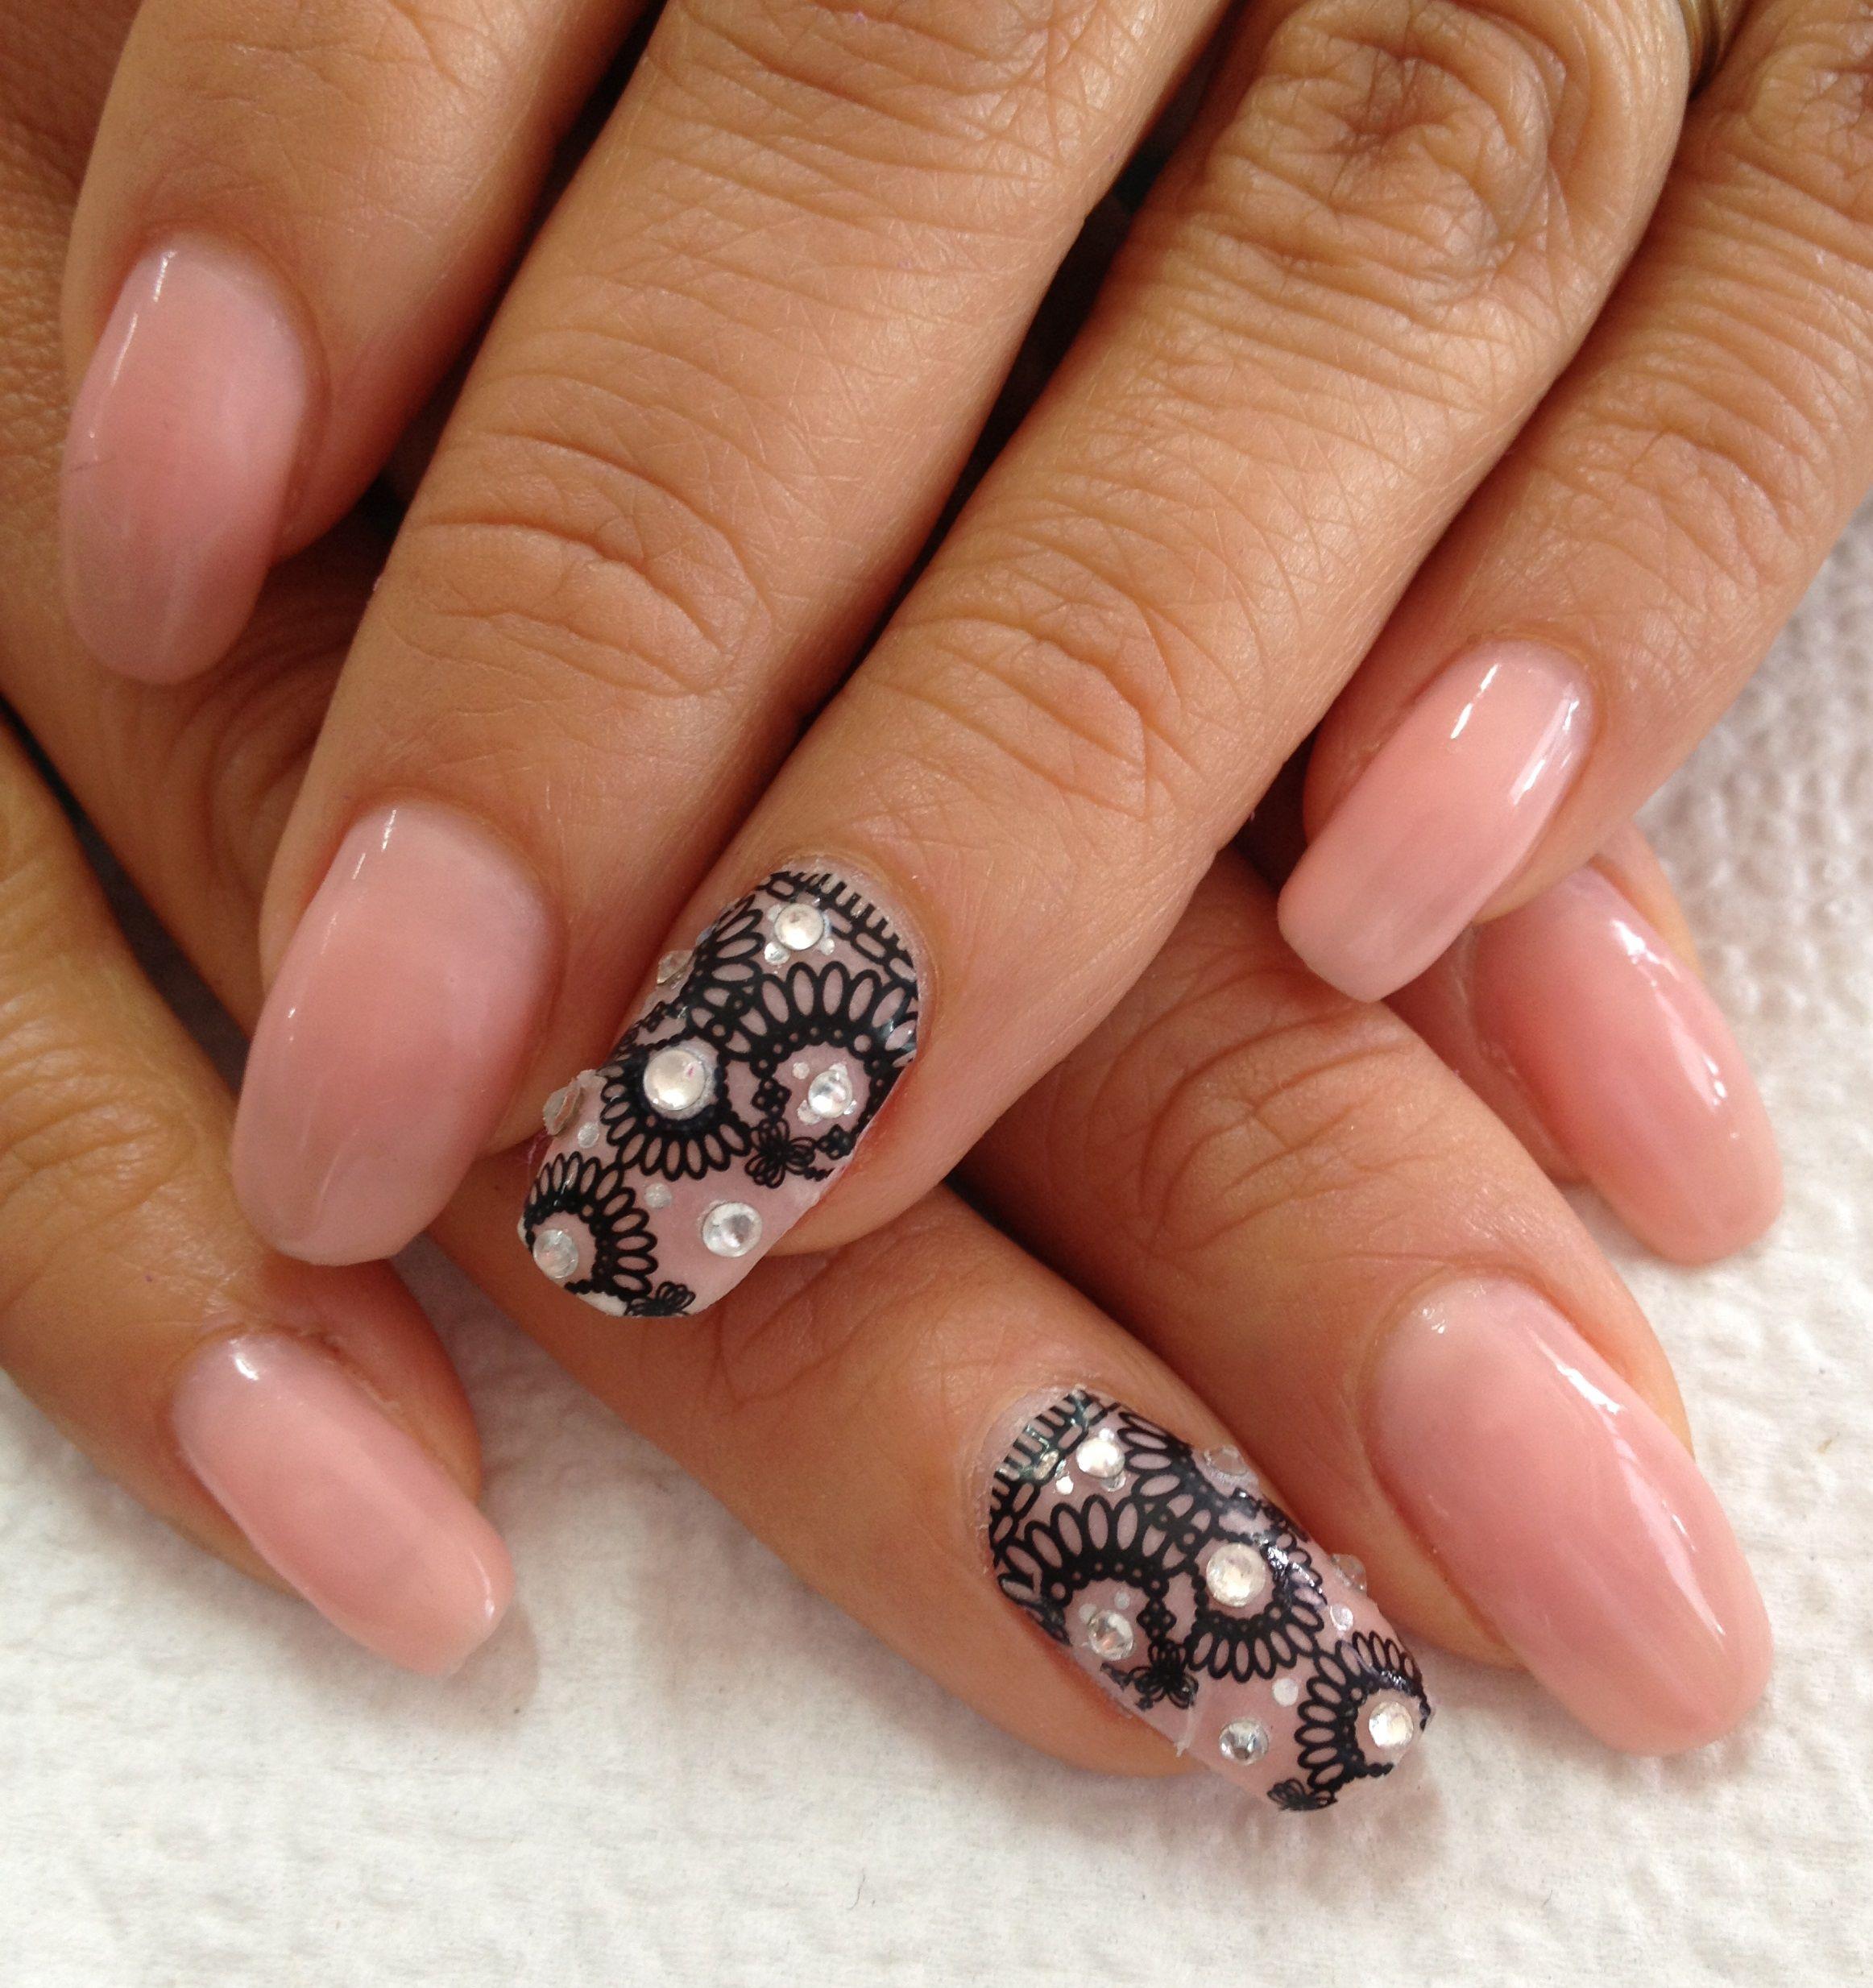 Simple y elegante #nails #uñas   Uñas decoradas Top Nails   Pinterest